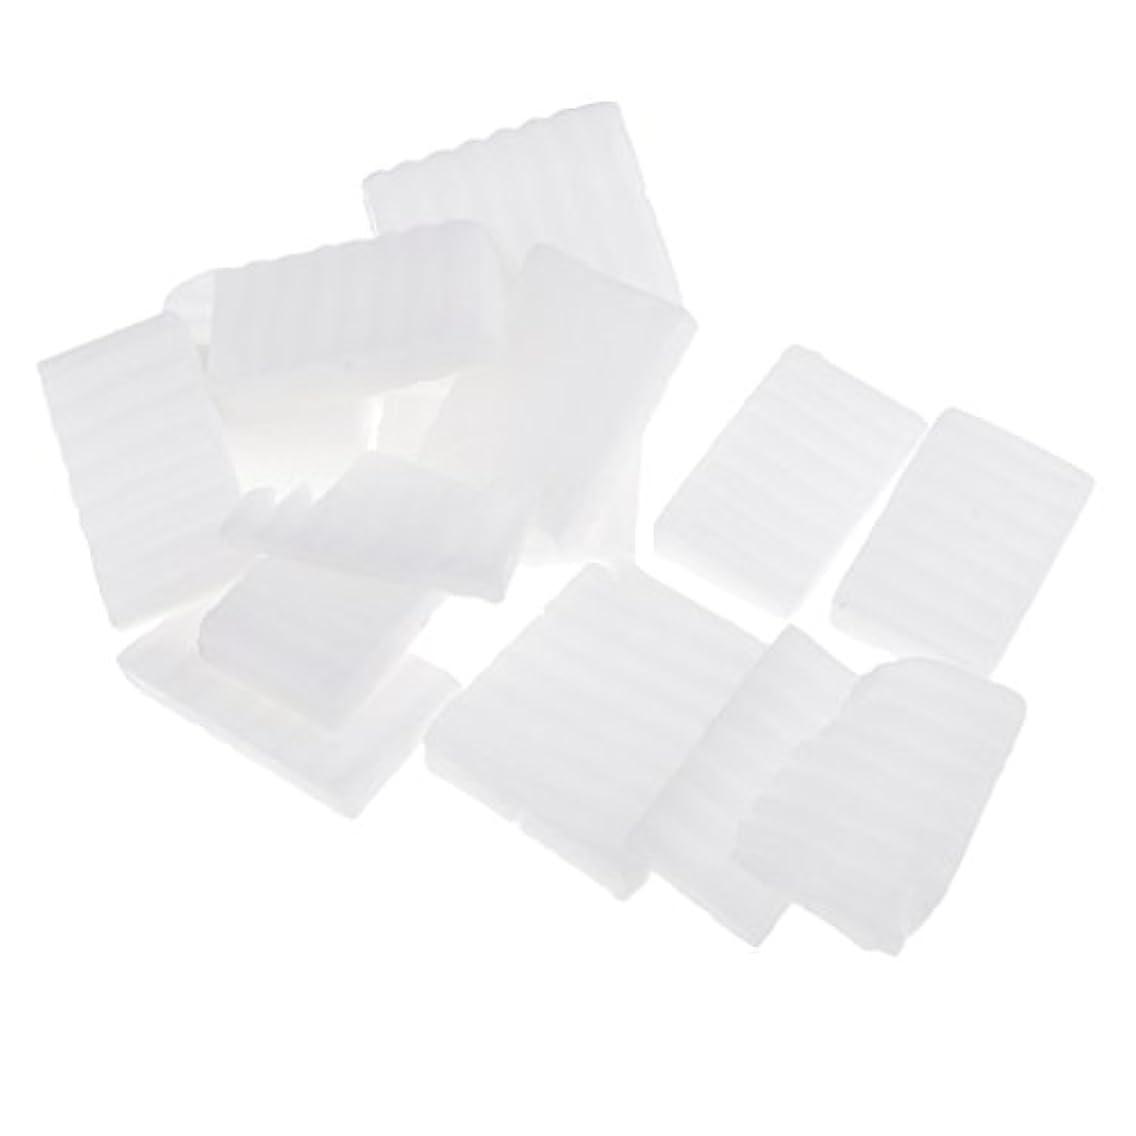 Perfk 白い 石鹸ベース DIY 手作り 石鹸 材料 約500g 手作り 石鹸のため